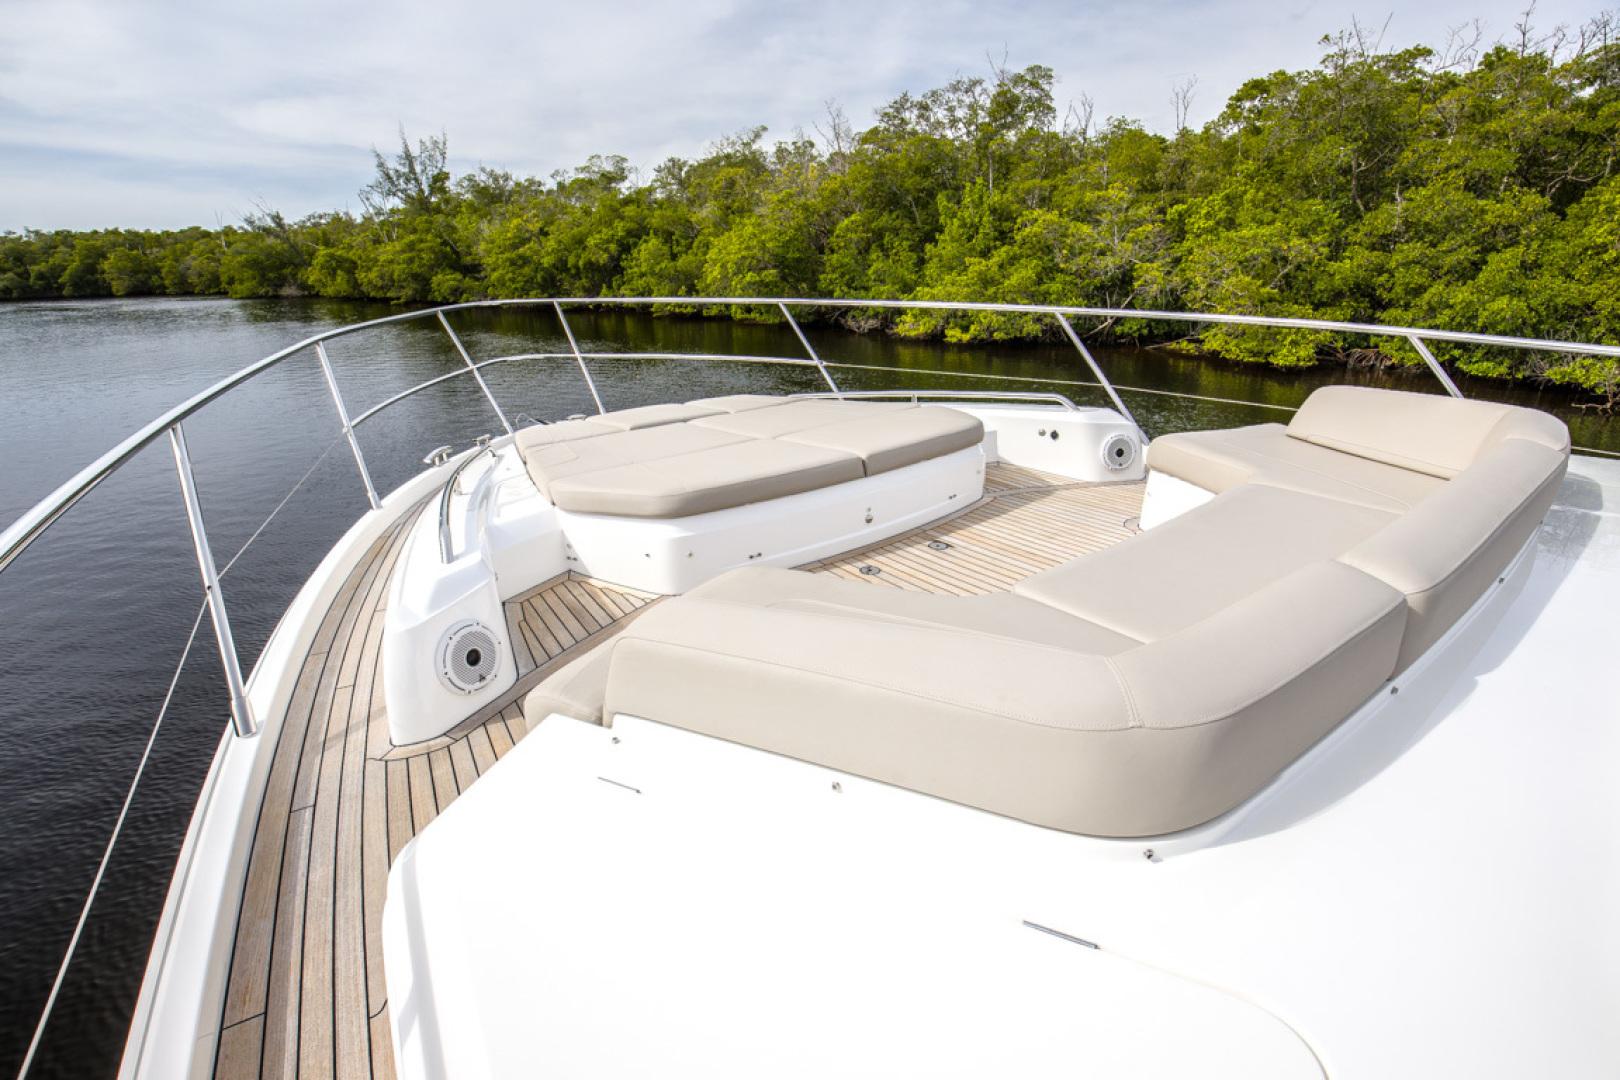 Princess-S65 2019-Paragon Cape Coral-Florida-United States-2019 65 Princess S65-Paragon-Bow Deck Seating-1510280 | Thumbnail